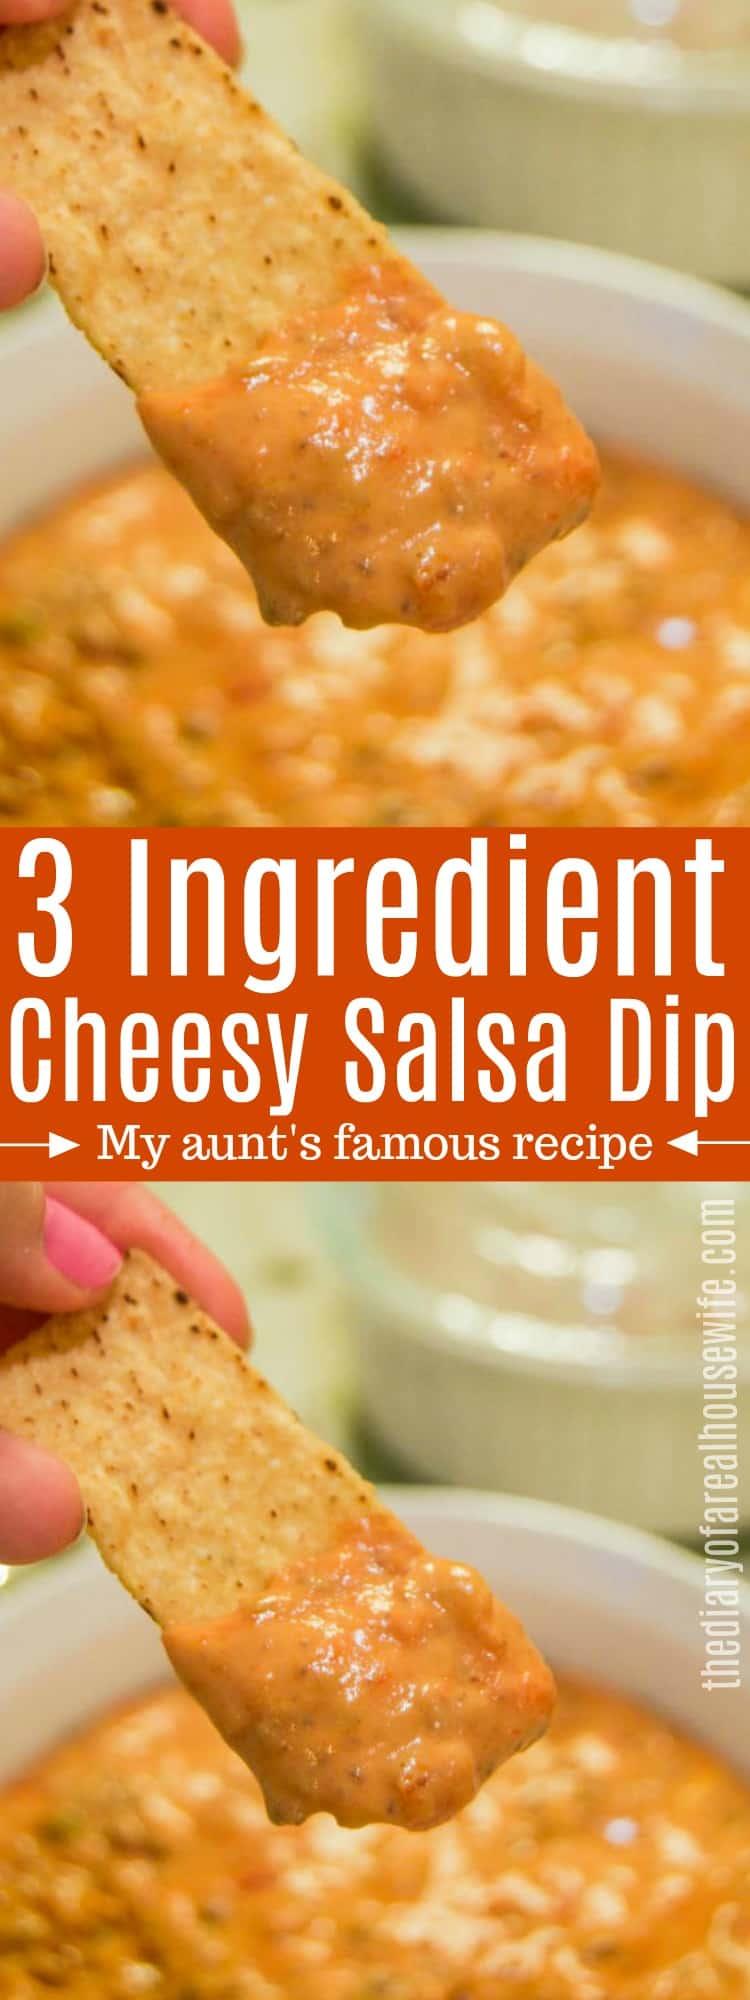 Cheesy Salsa Dip